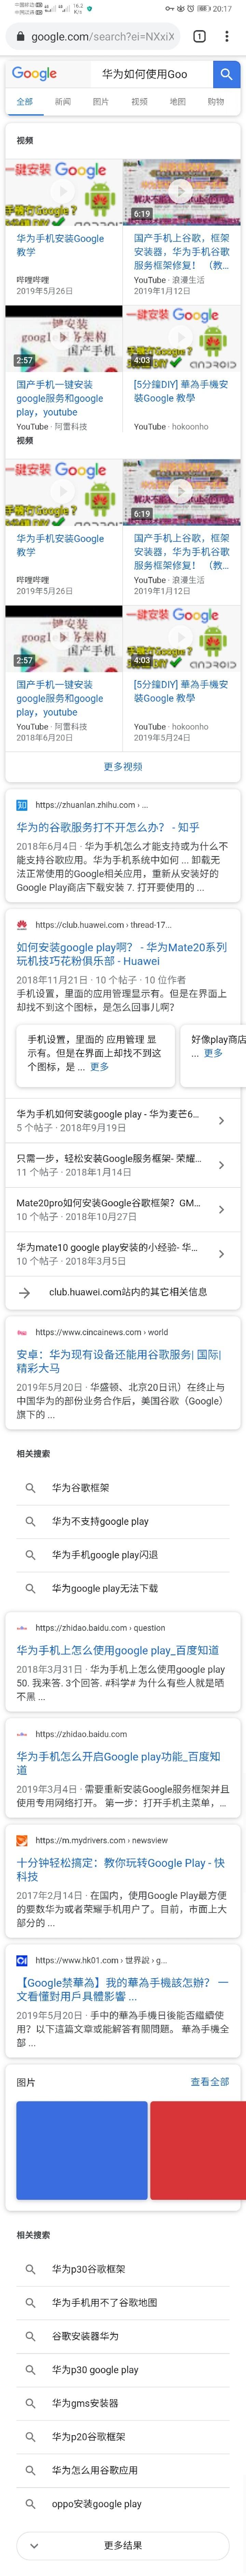 Screenshot_20190825_201744_com.android.chrome.jpg